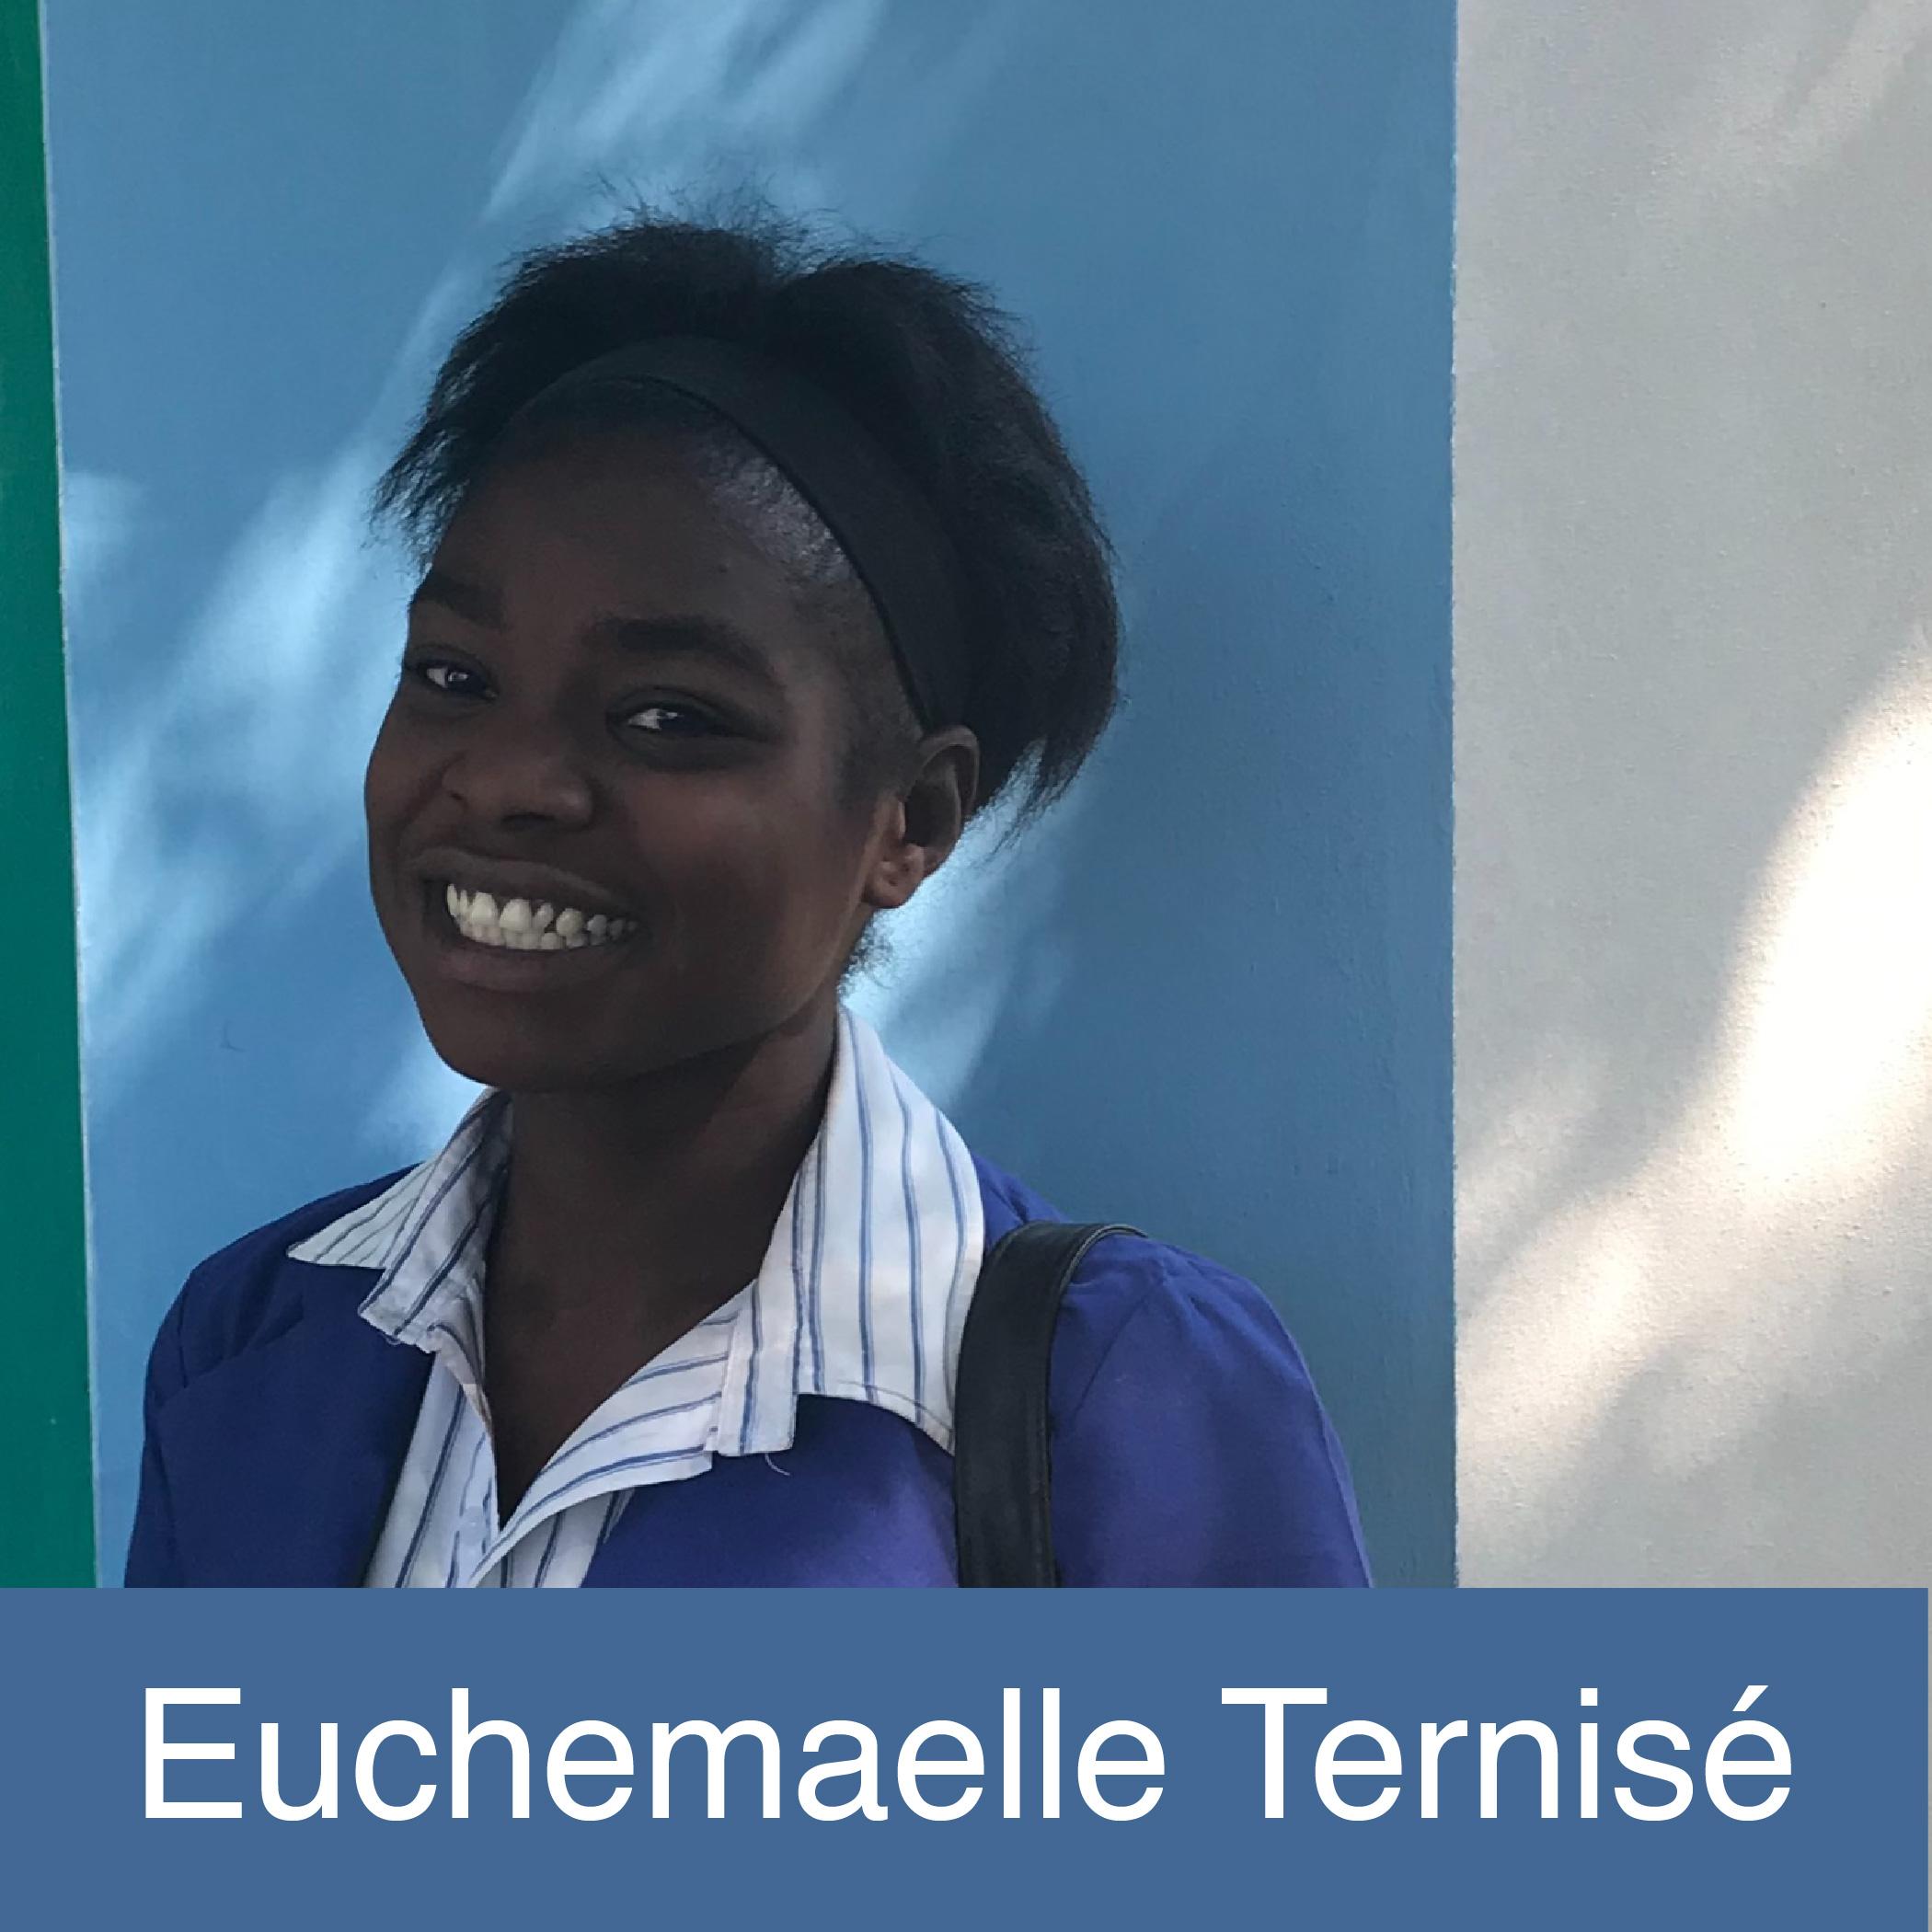 Euchemaelle-01.jpg